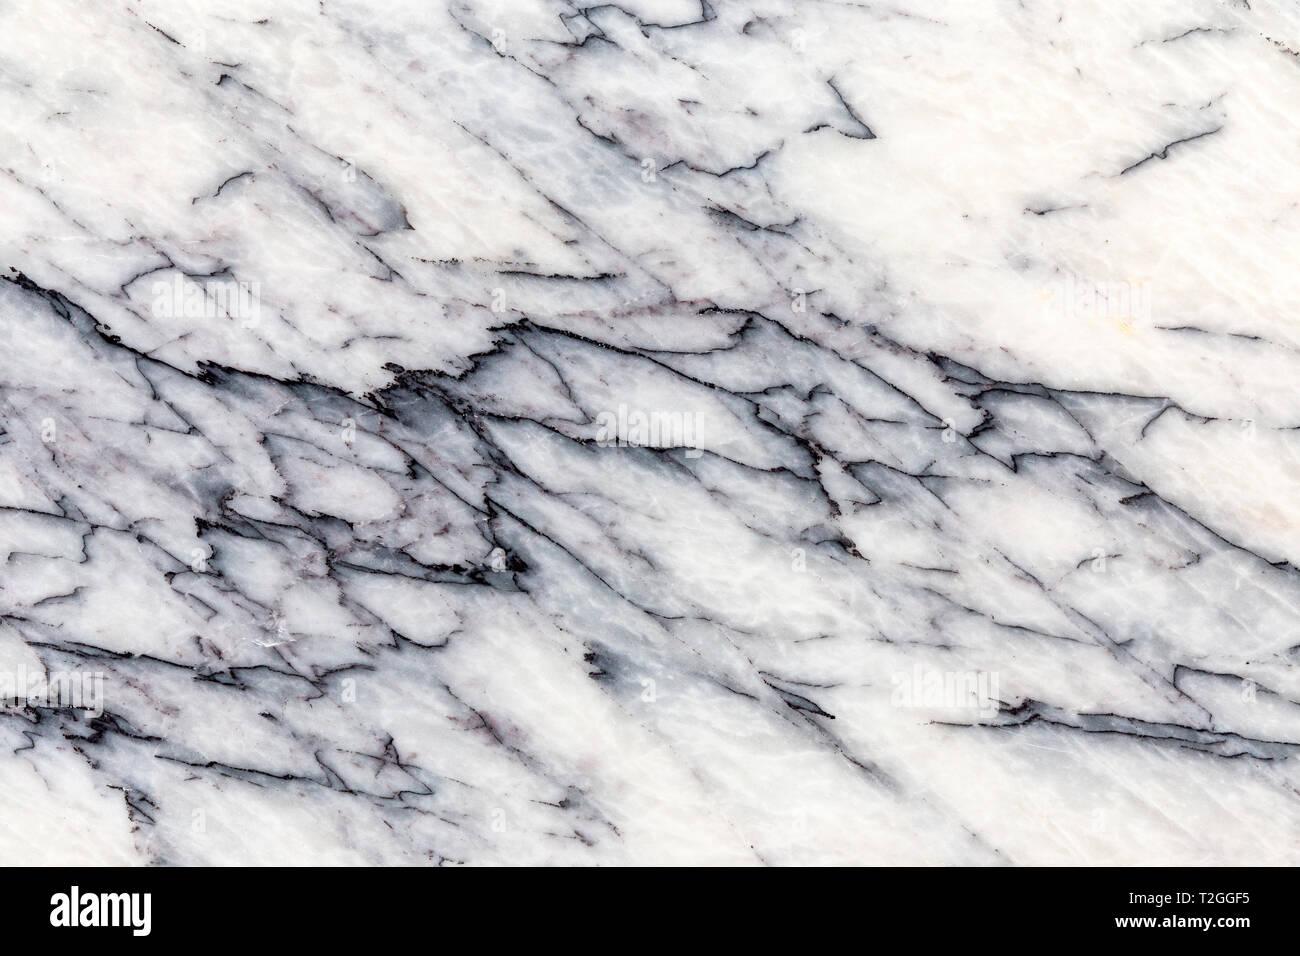 Bianco E Nero Reale Modellato Naturale Grigio Scuro Pietra Di Marmo